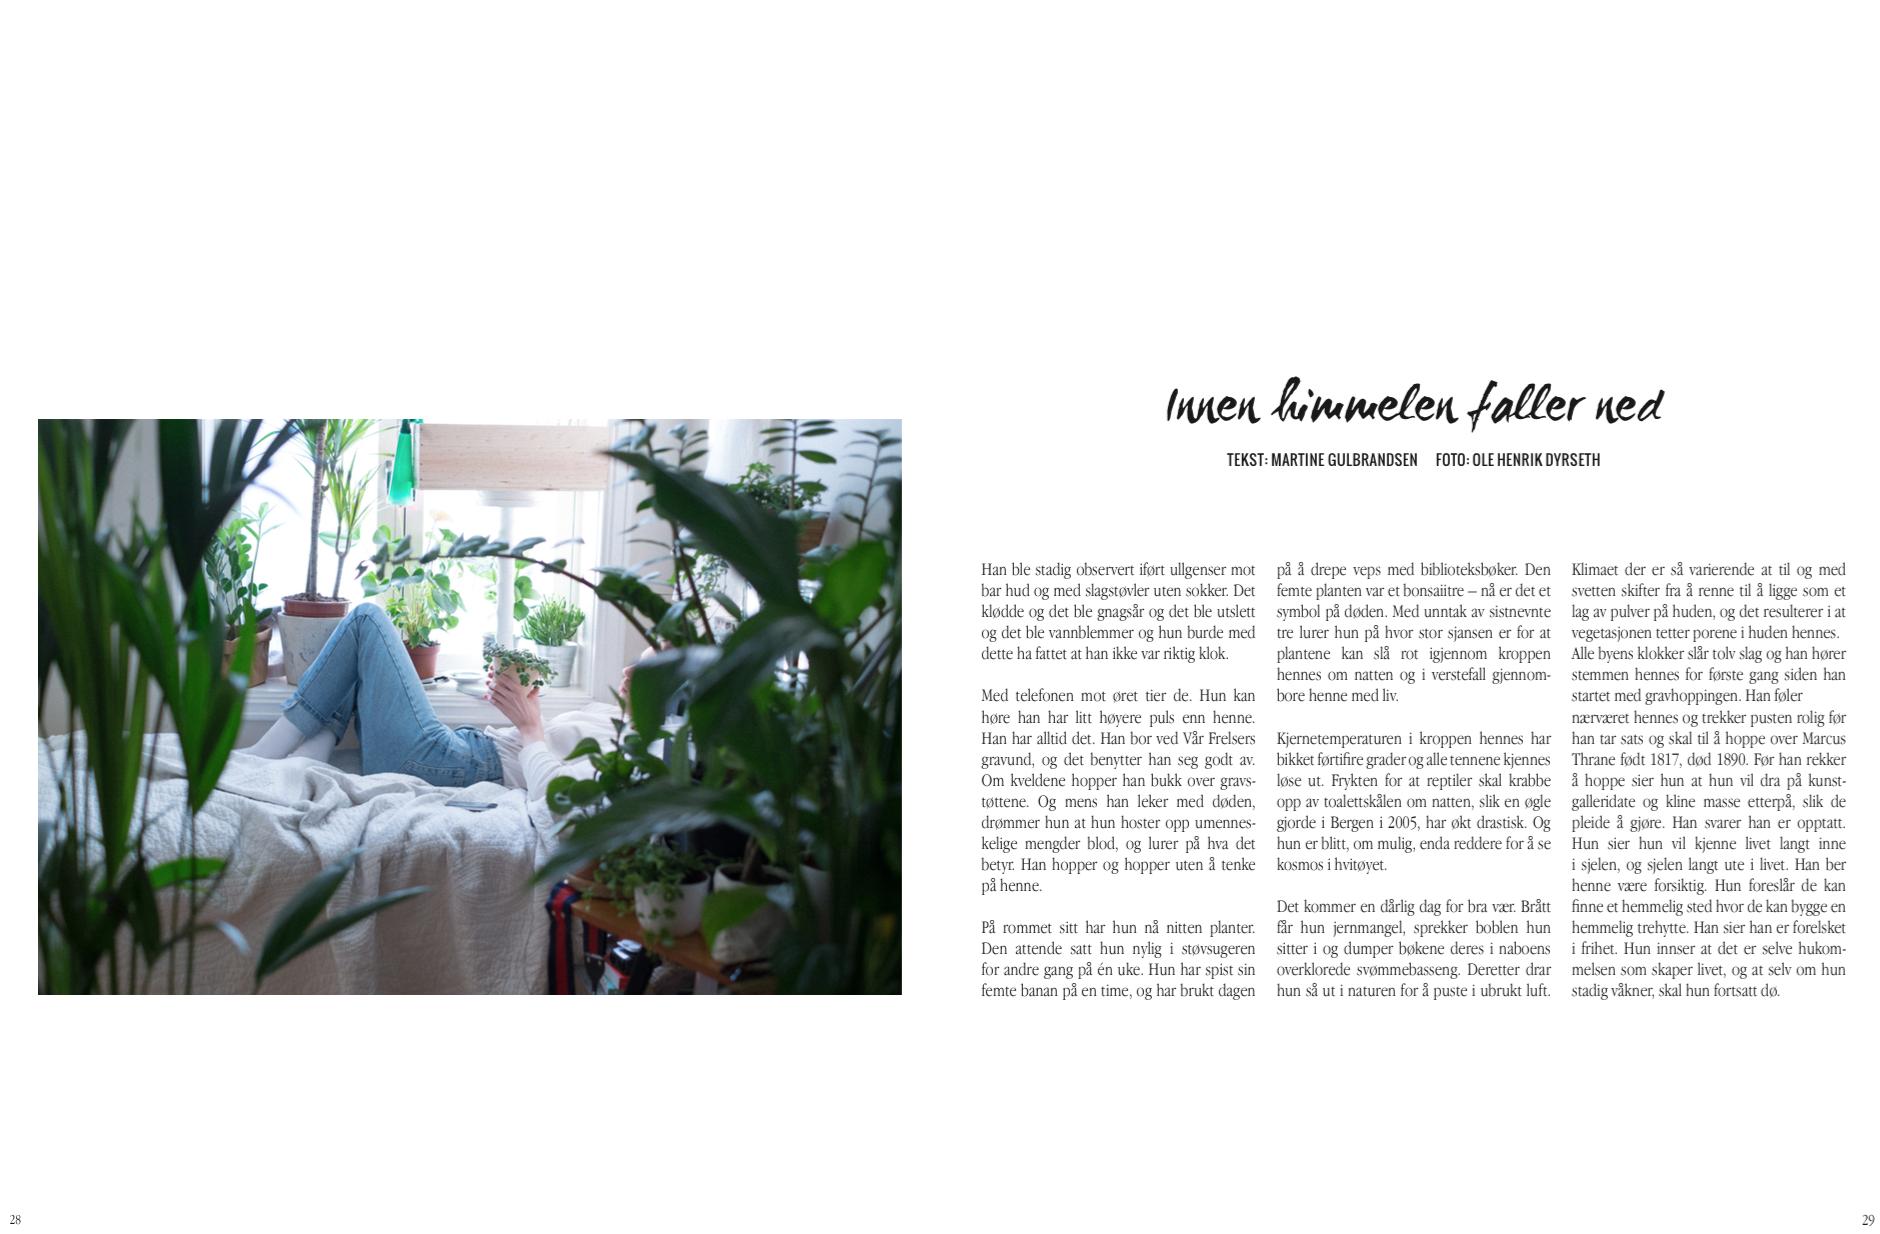 ETTER porselensbarnet (no. 1) lansert 5. juni 2014.